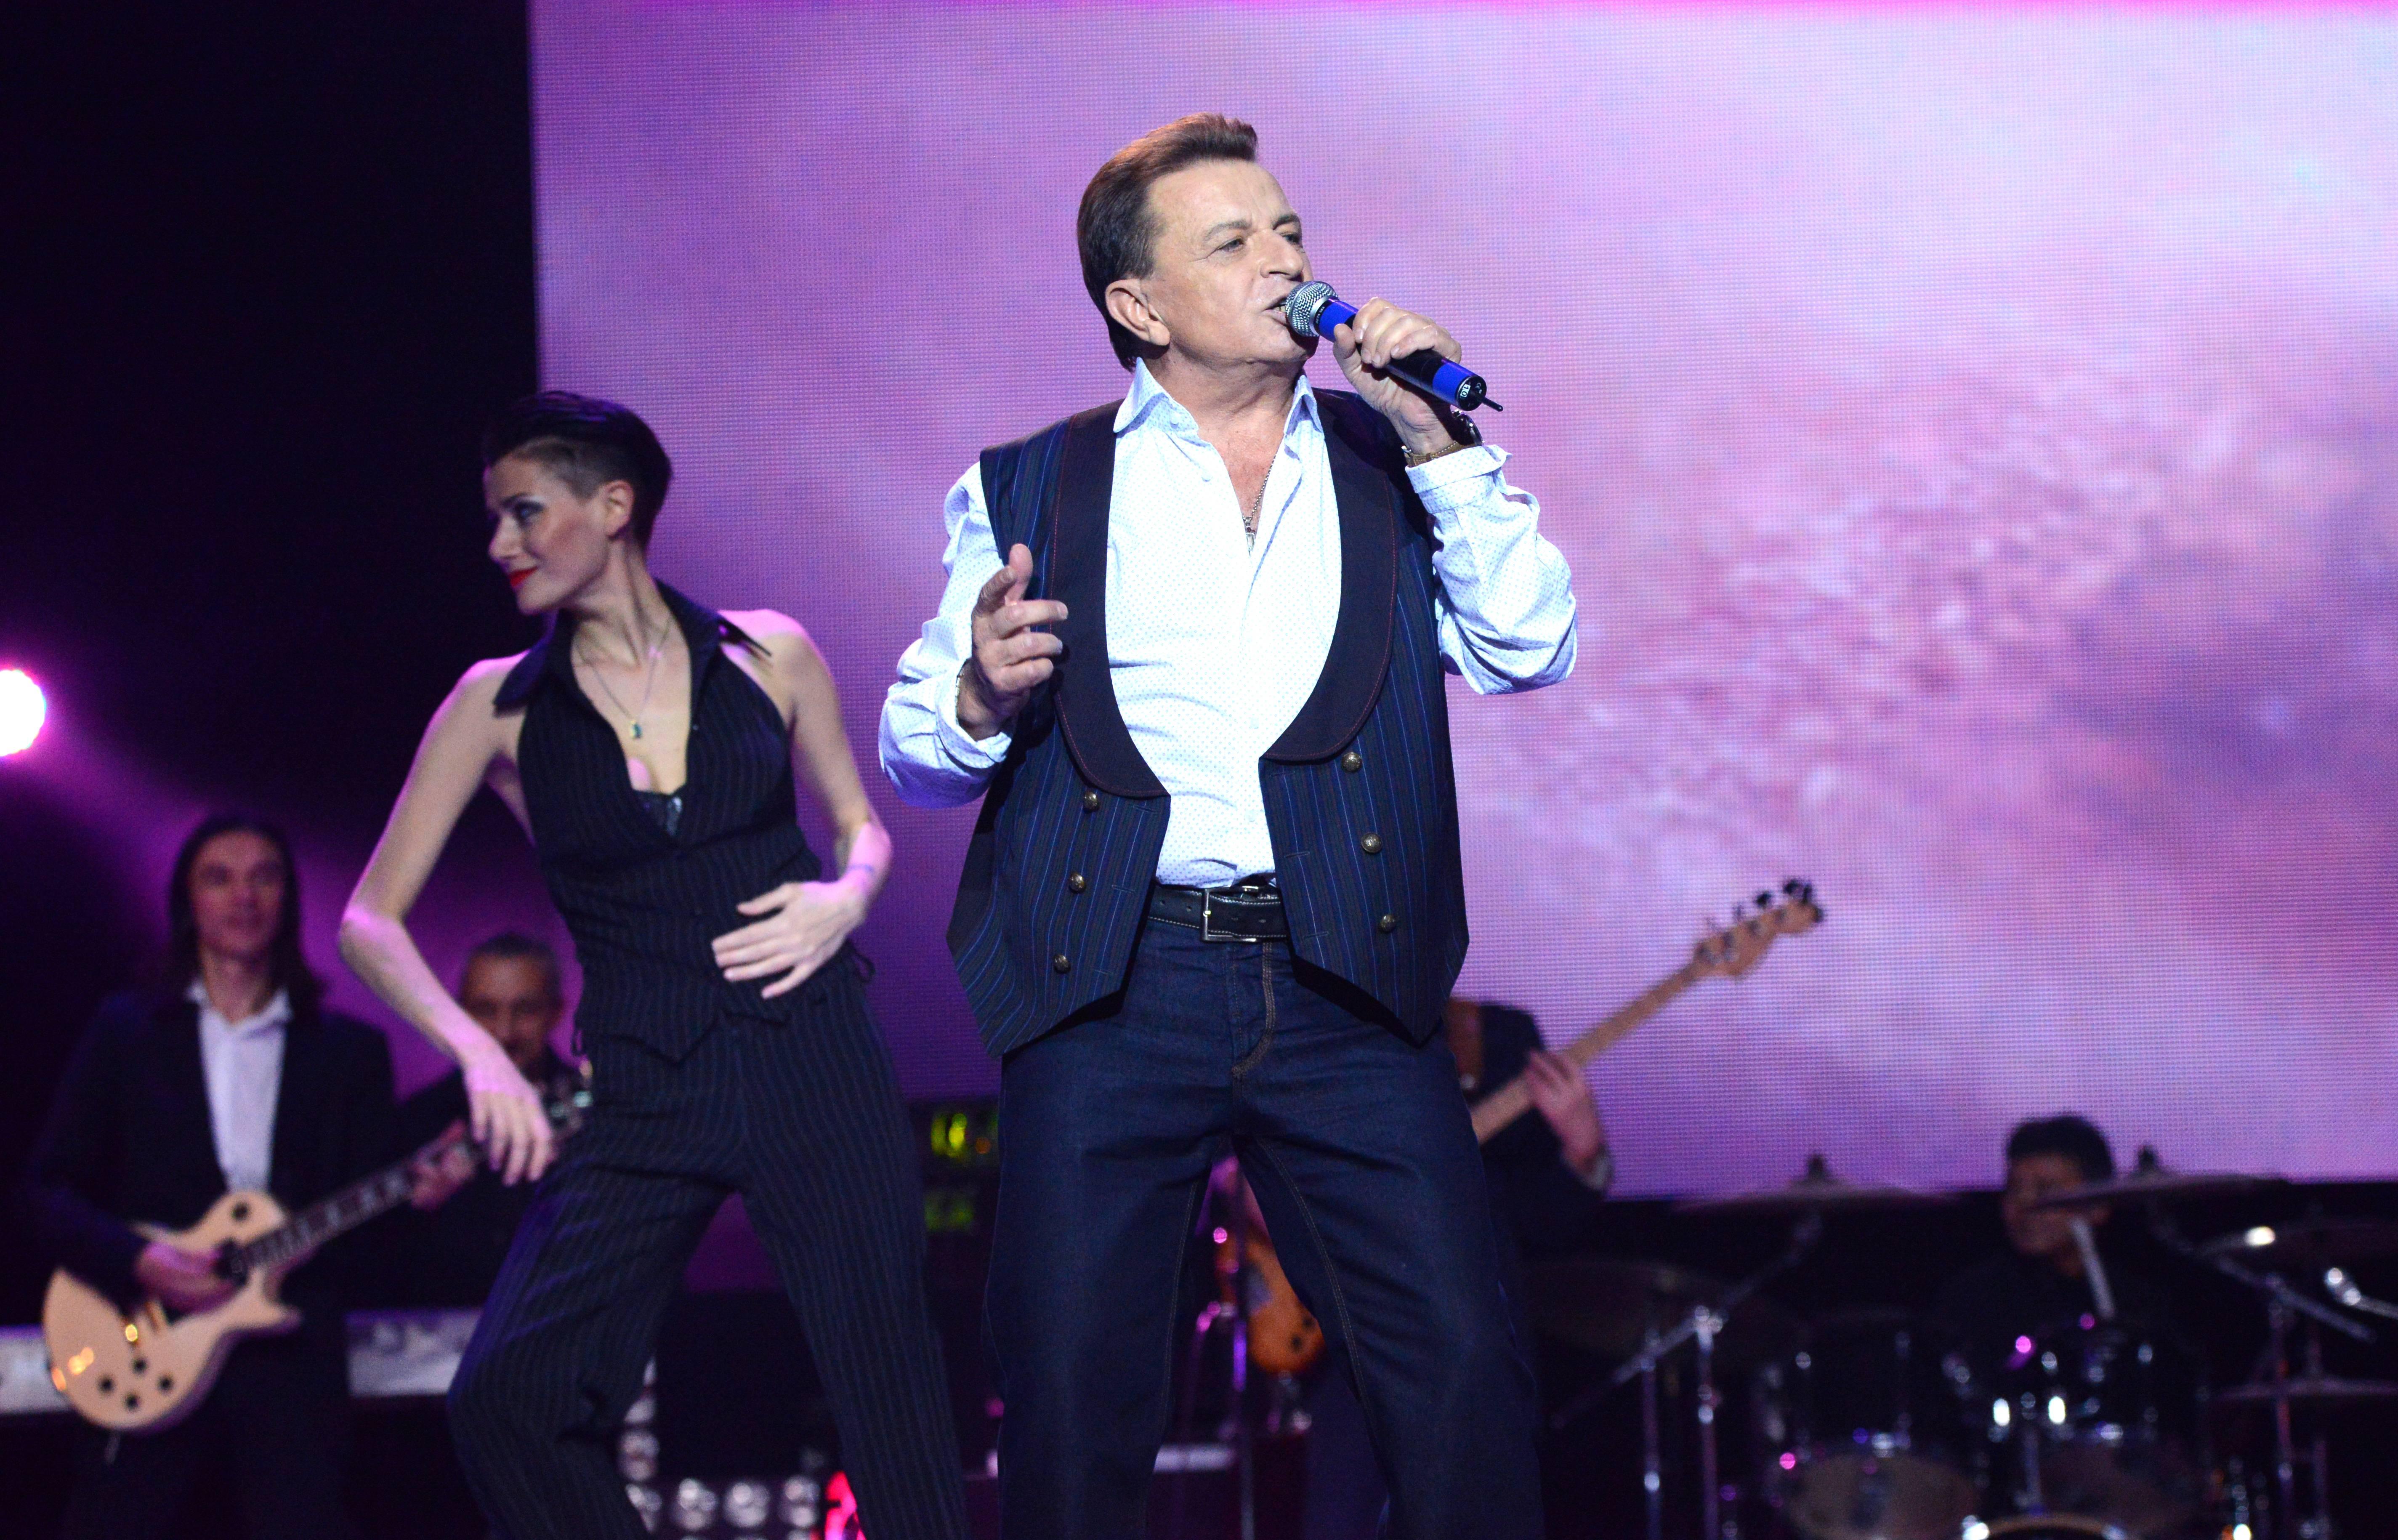 Аркадий Хоралов и его друзья устроили настоящий праздник музыки.